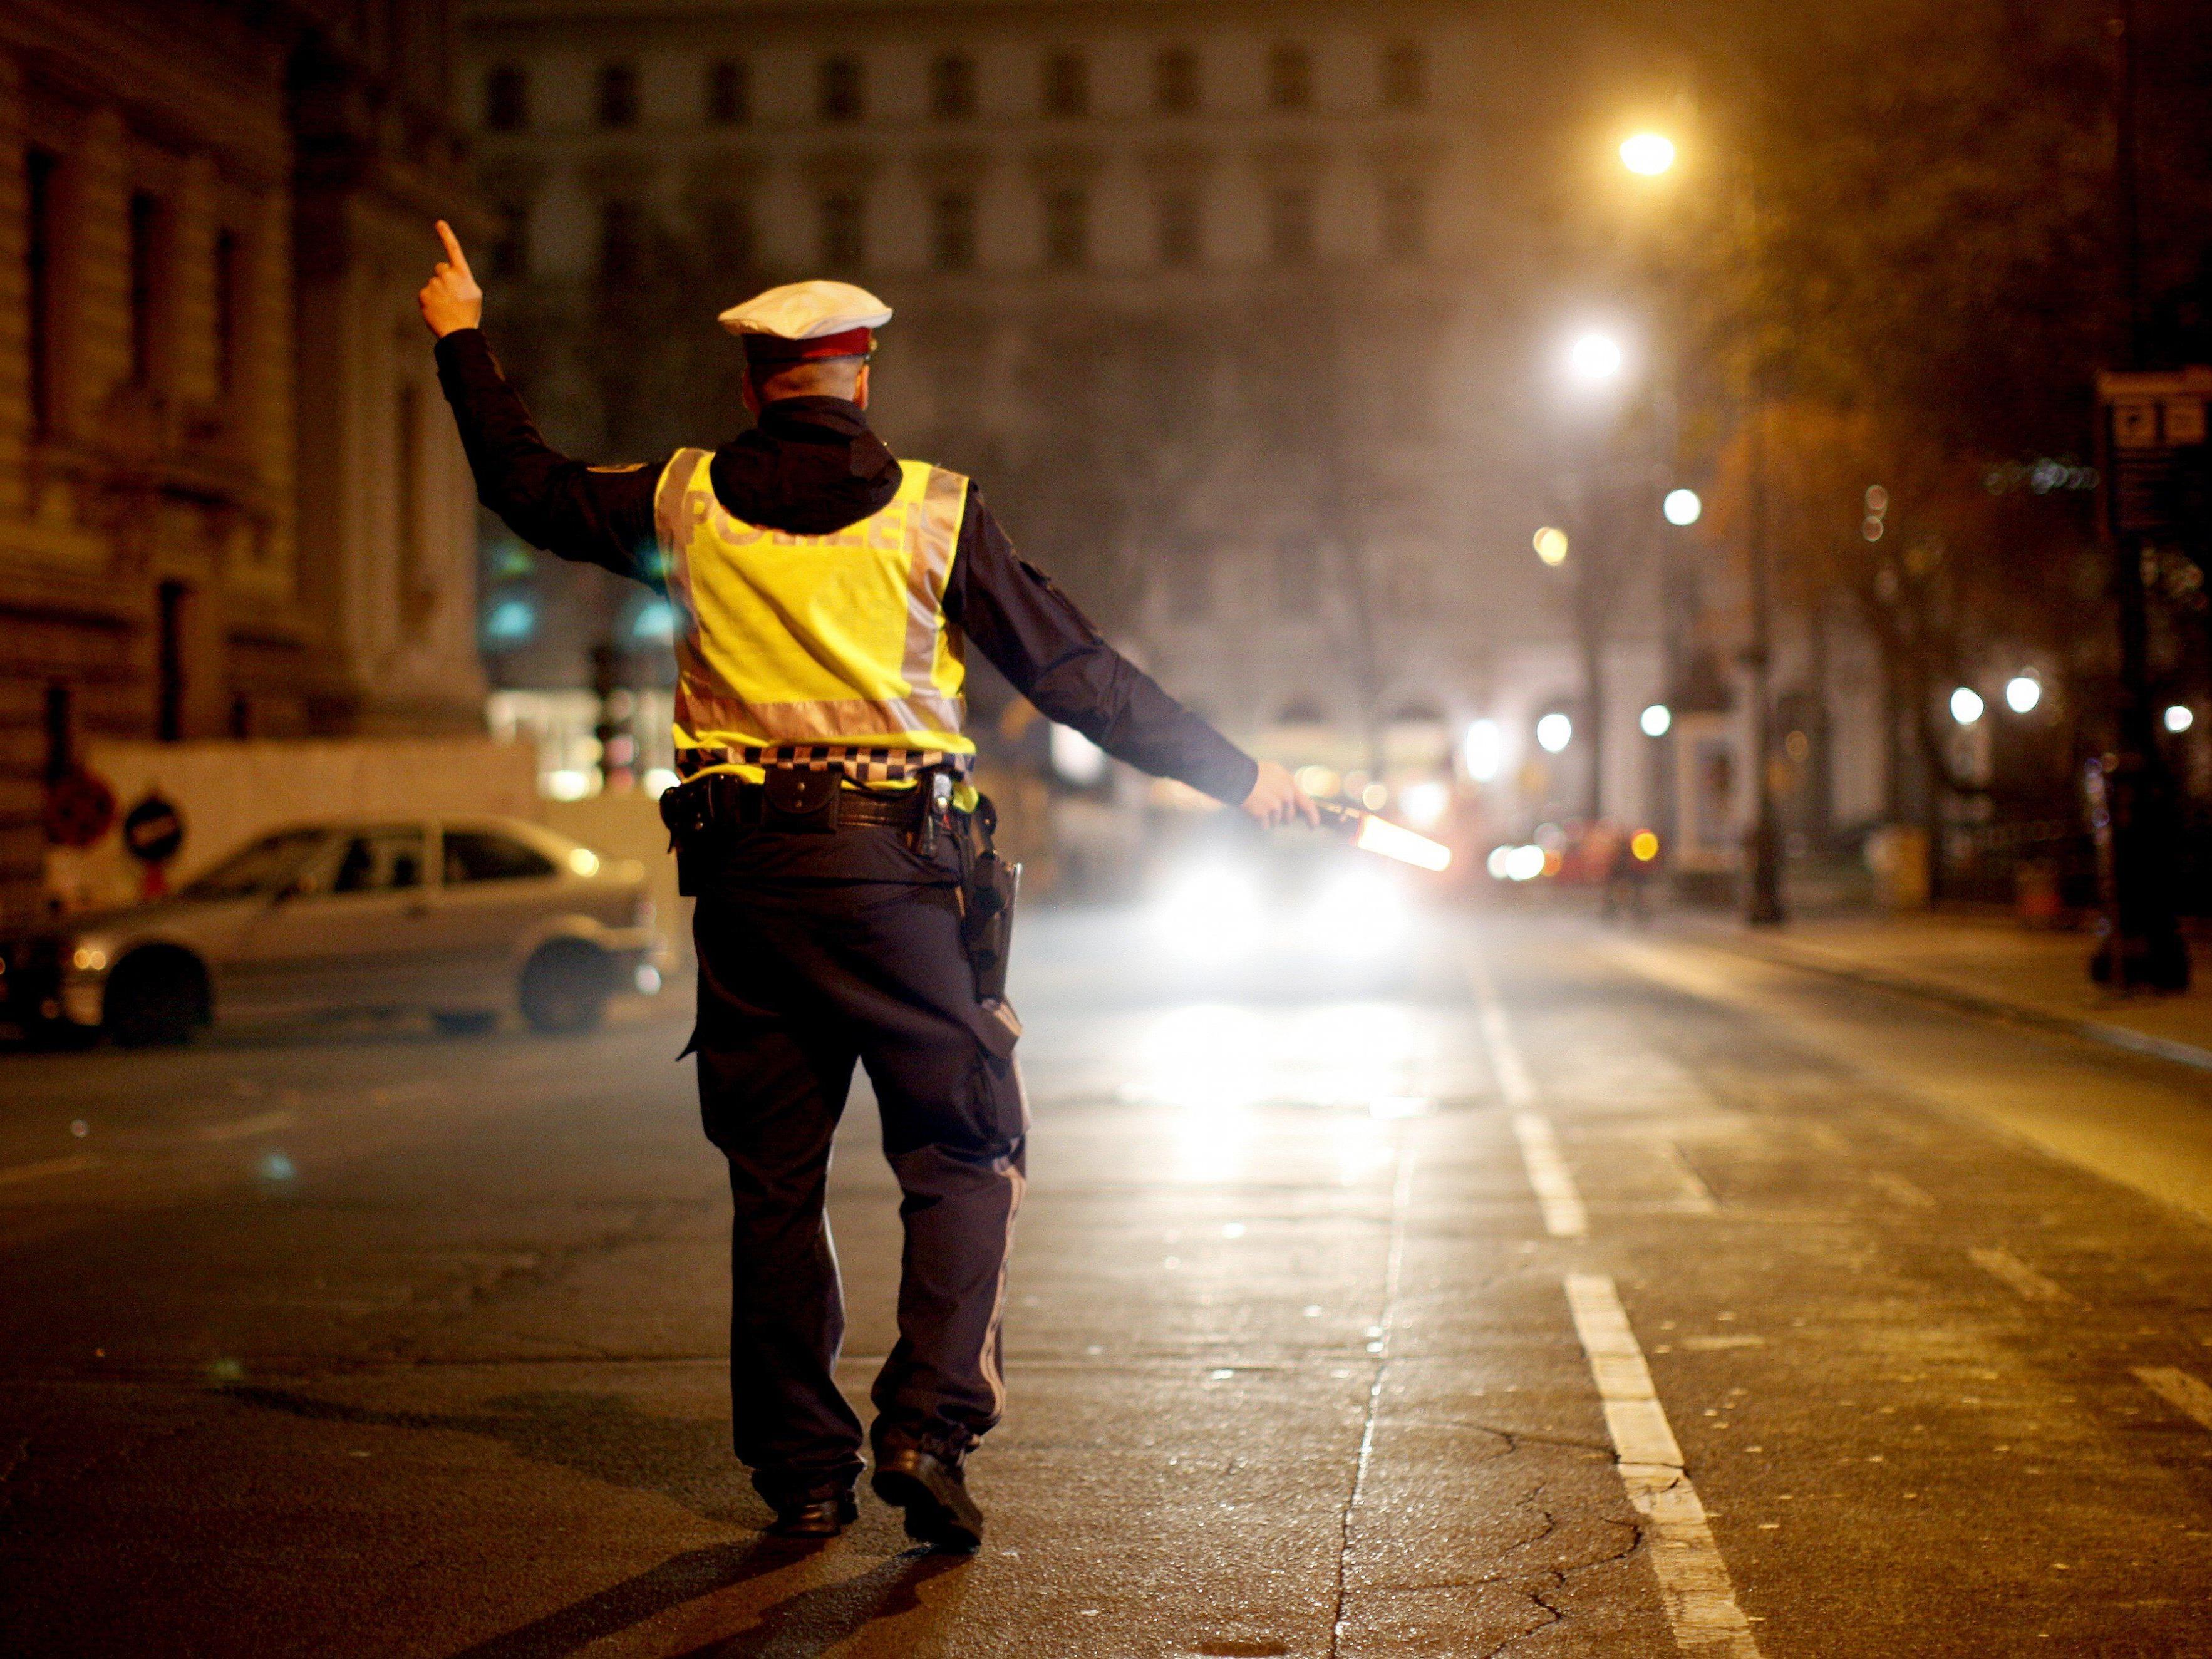 Die Wiener Polizei nahm den Alko-Lenker schließlich fest.